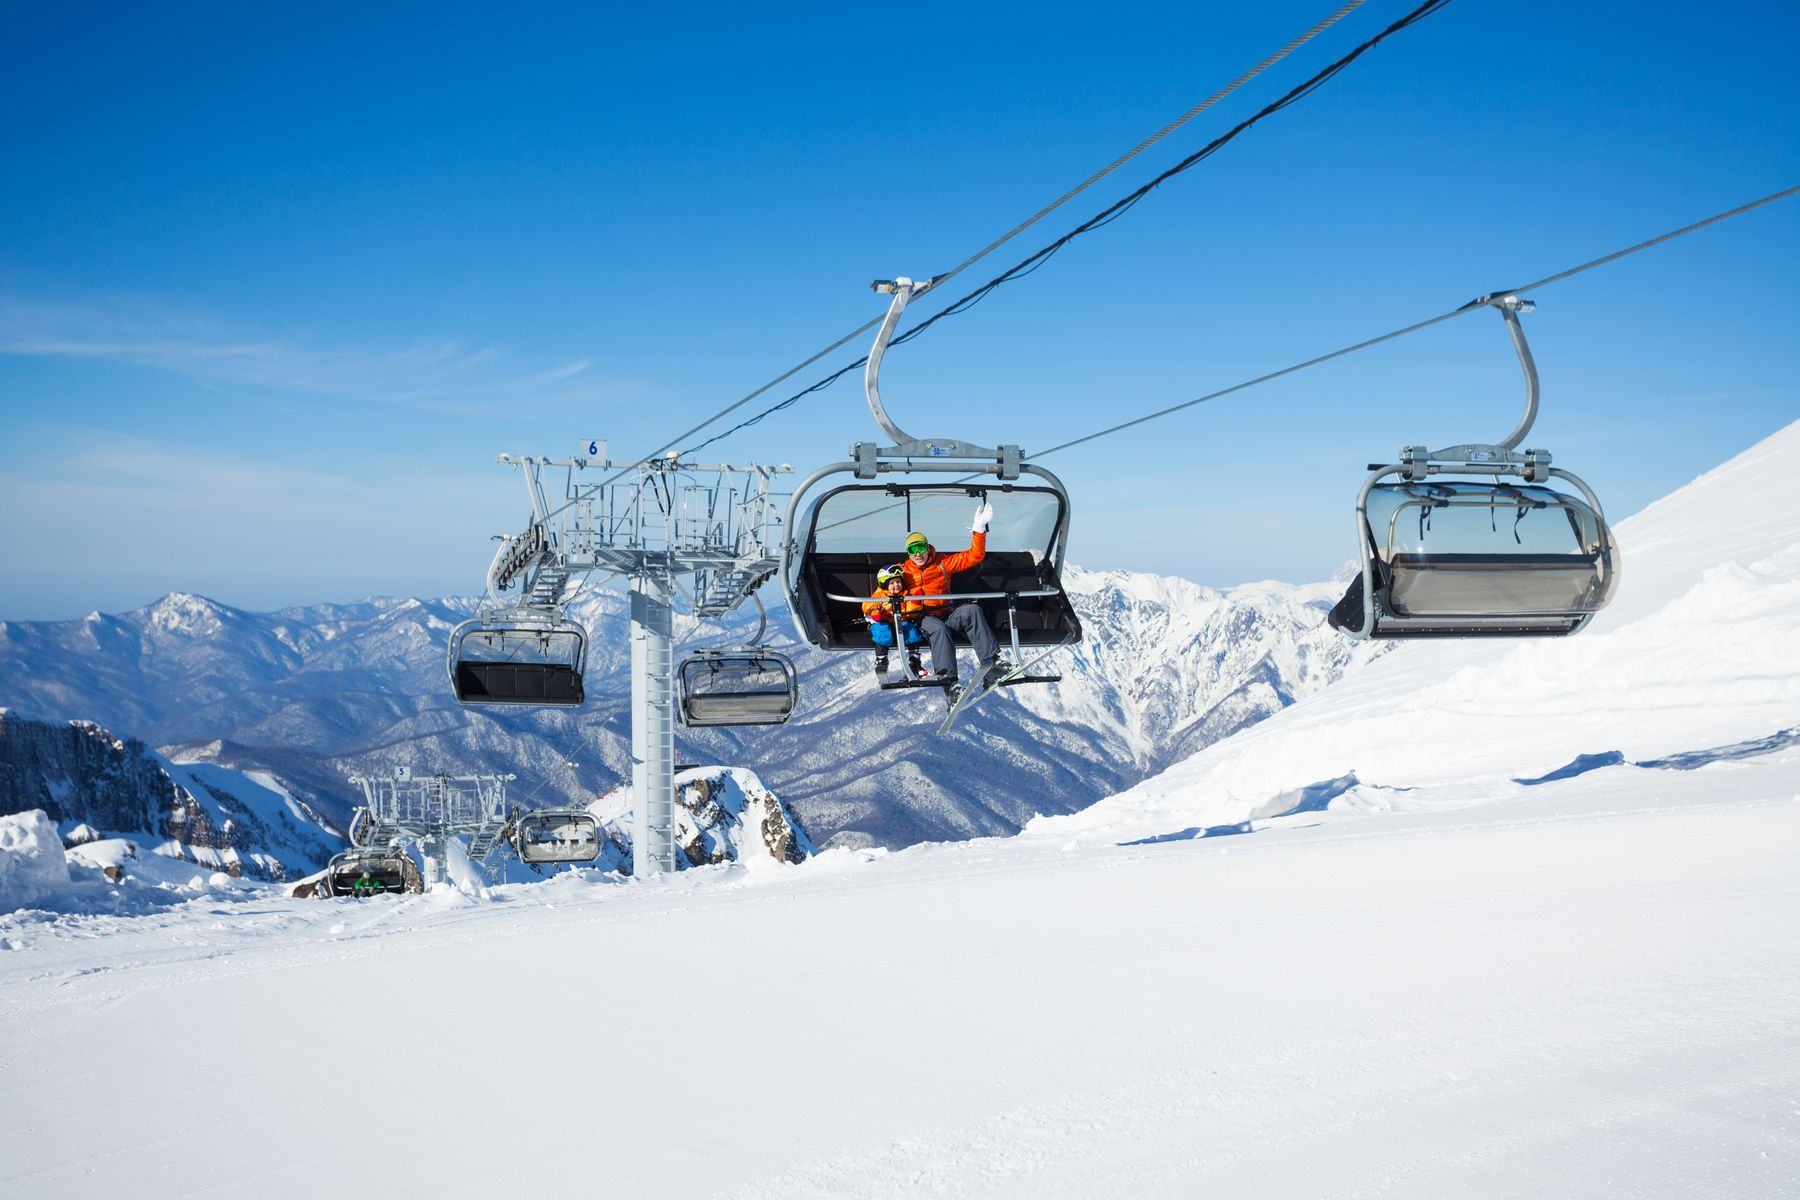 Где в январе покататься на горных лыжах. Сочи, горнолыжный курорт Красная Поляна